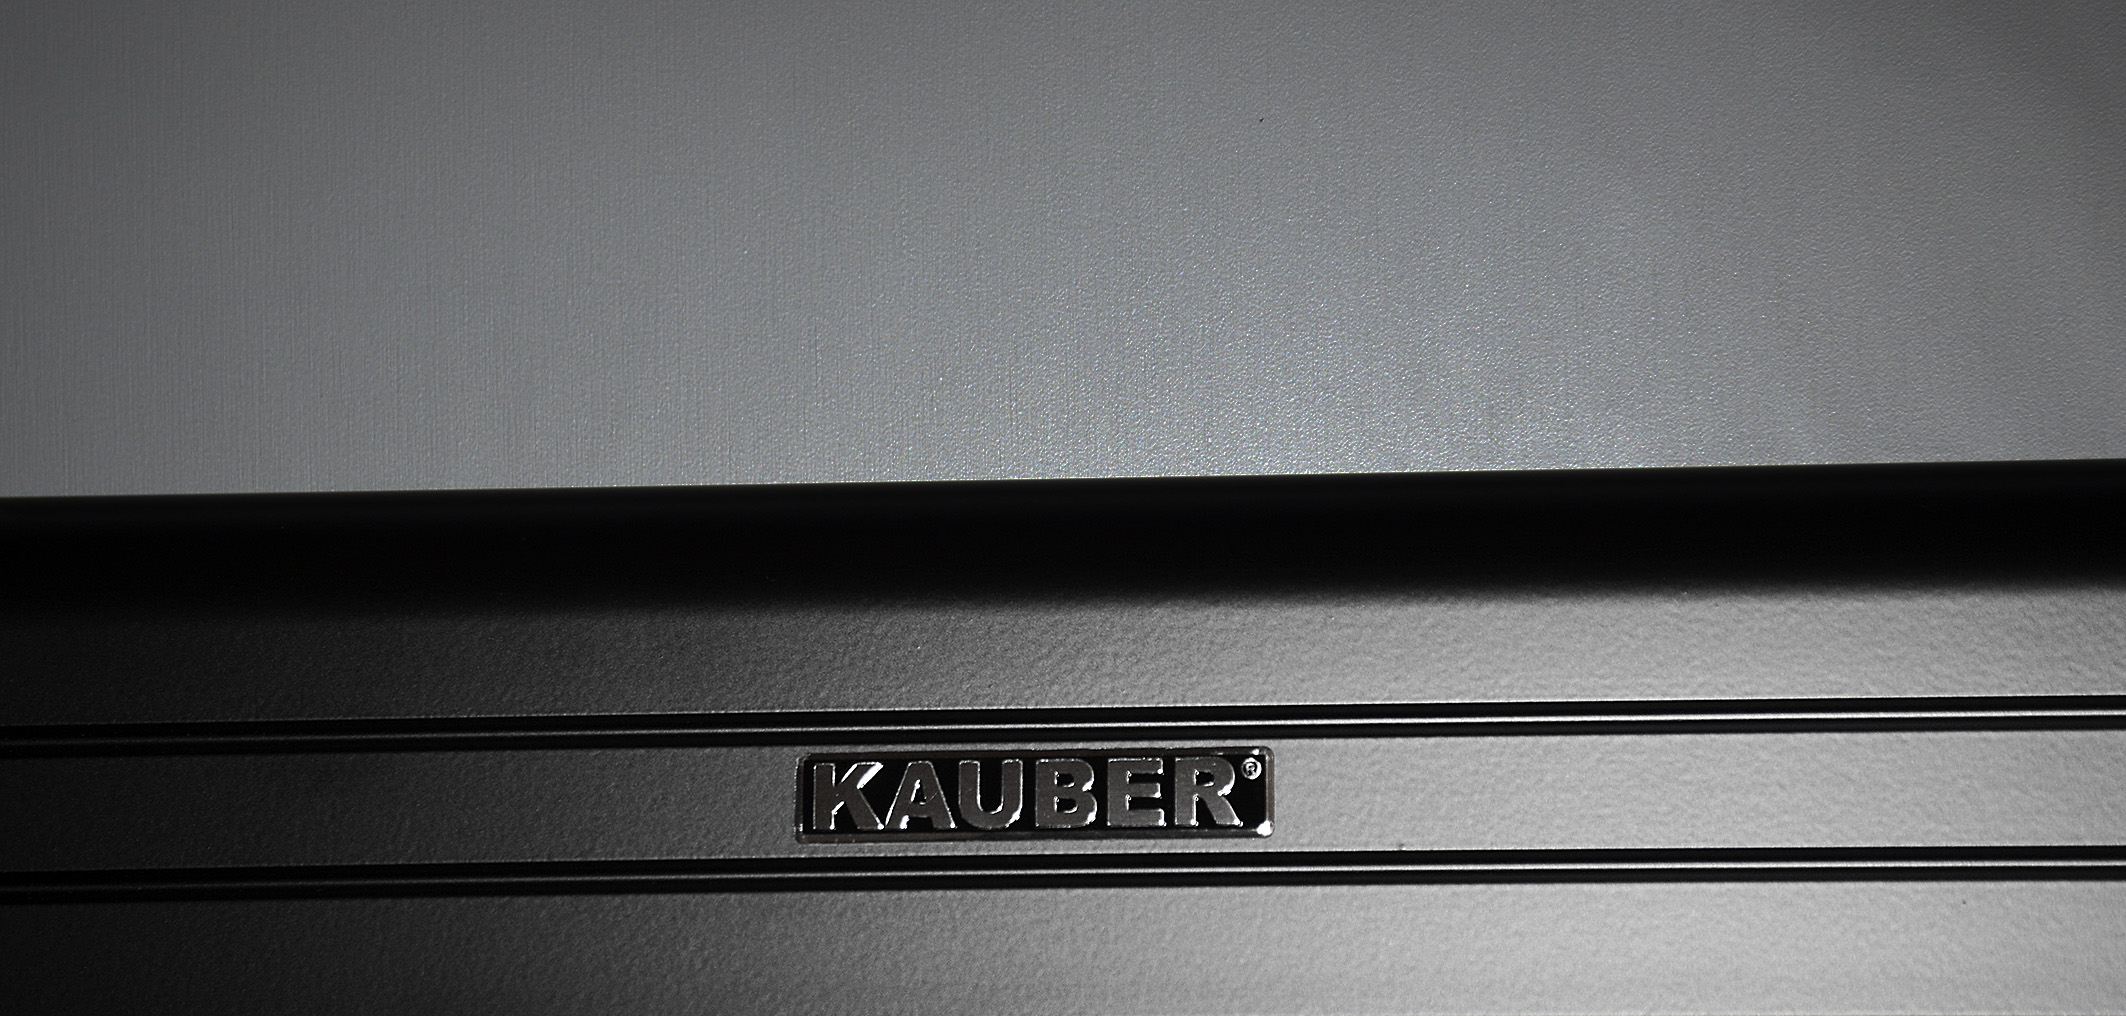 Foto: Michael B. Rehders Silber auf Schwarz. Das Logo von Kauber auf dem Leinwandrahmen.